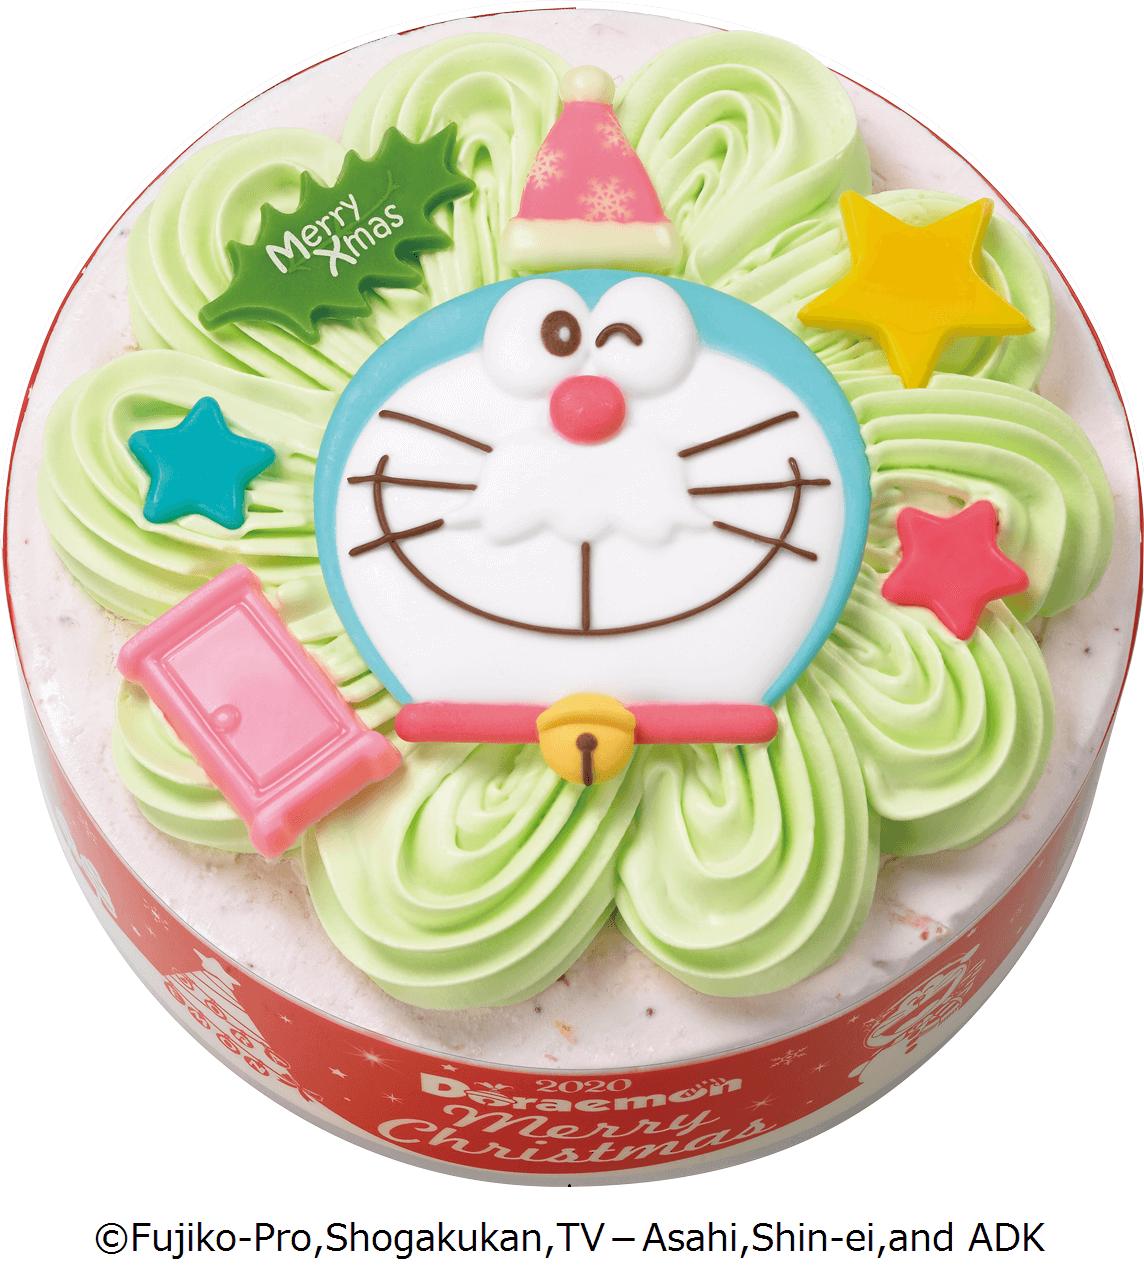 サーティワン『ドラえもん クリスマスケーキ』